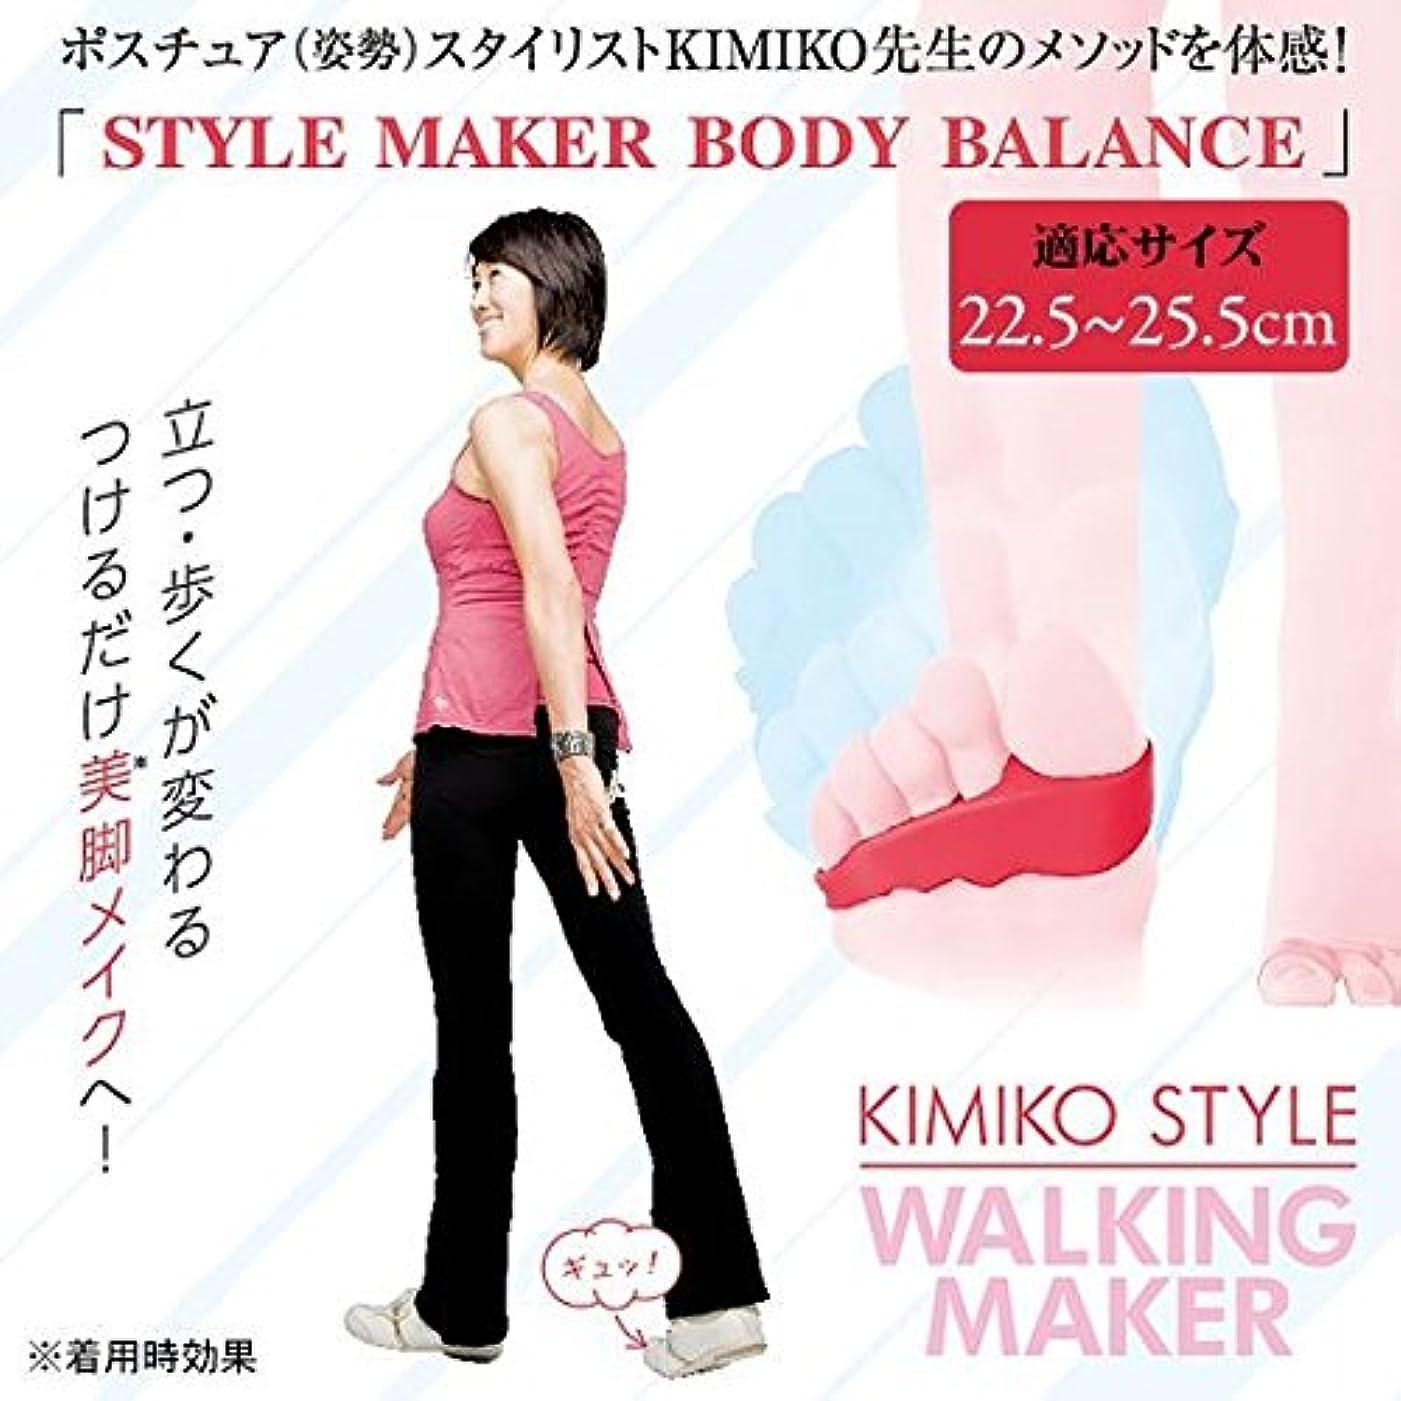 耳教会解釈KIMIKO STYLE(キミコスタイル) WALKING MAKER(ウォーキングメーカー) 1足入